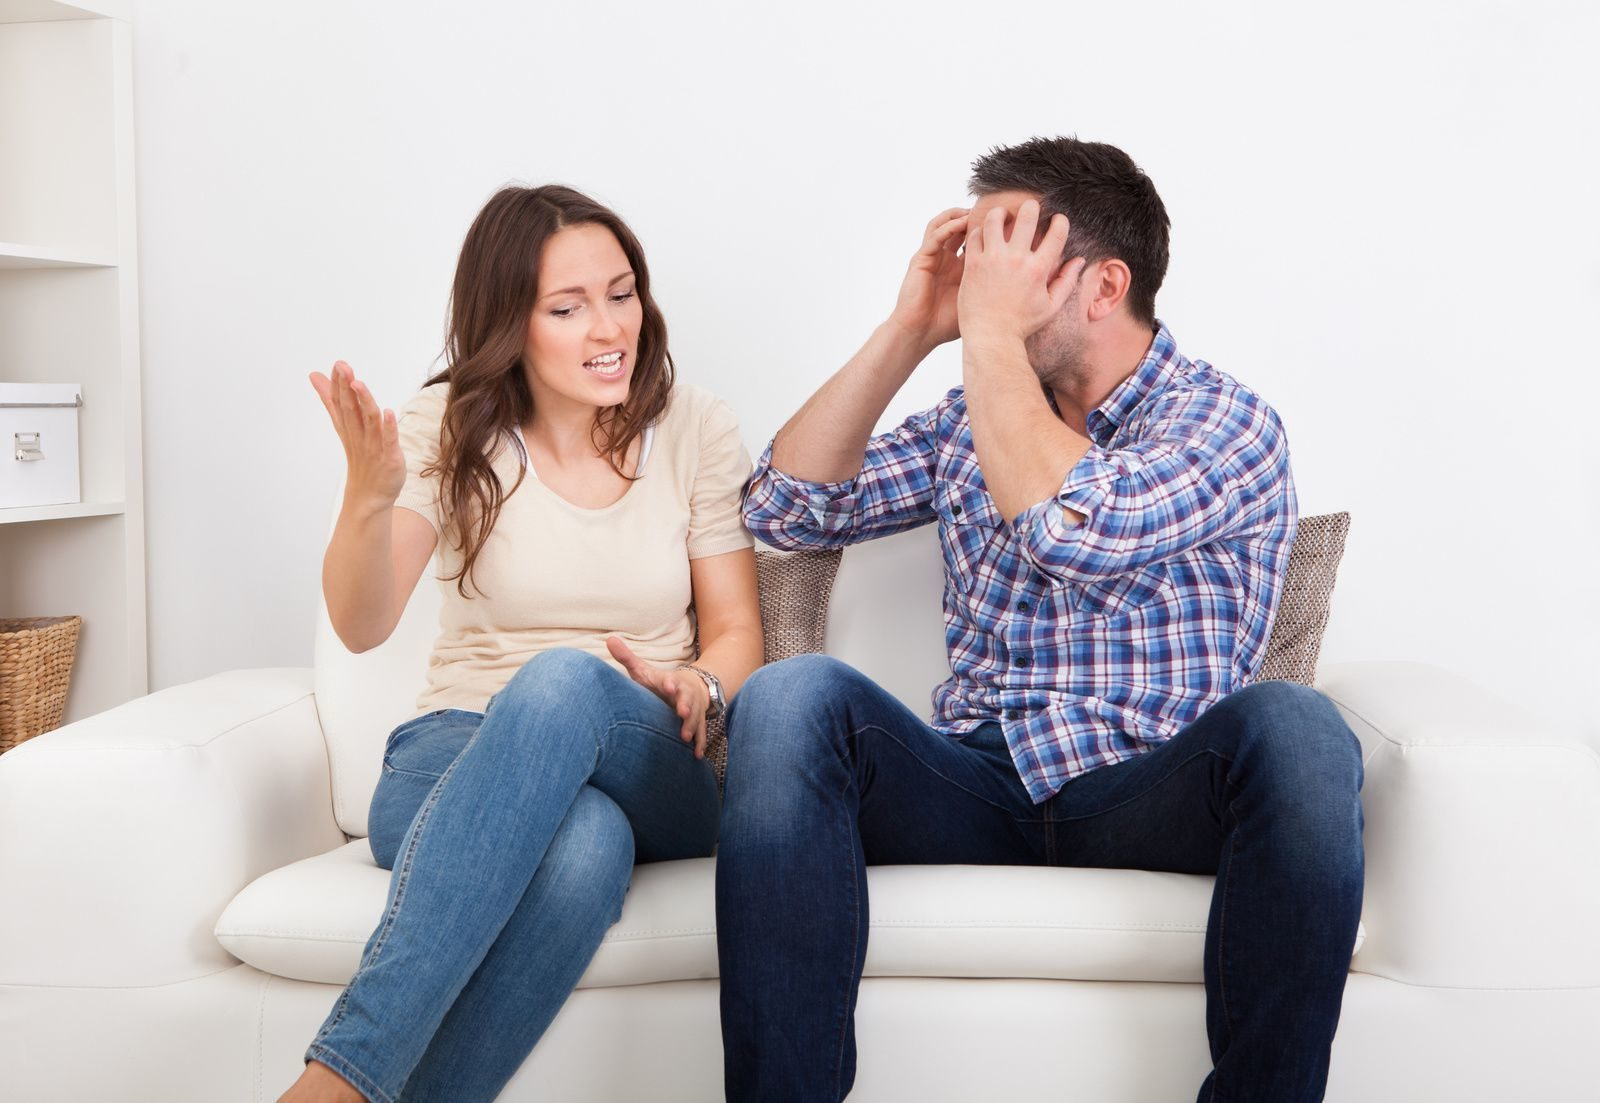 личные границы в отношениях с мужчиной